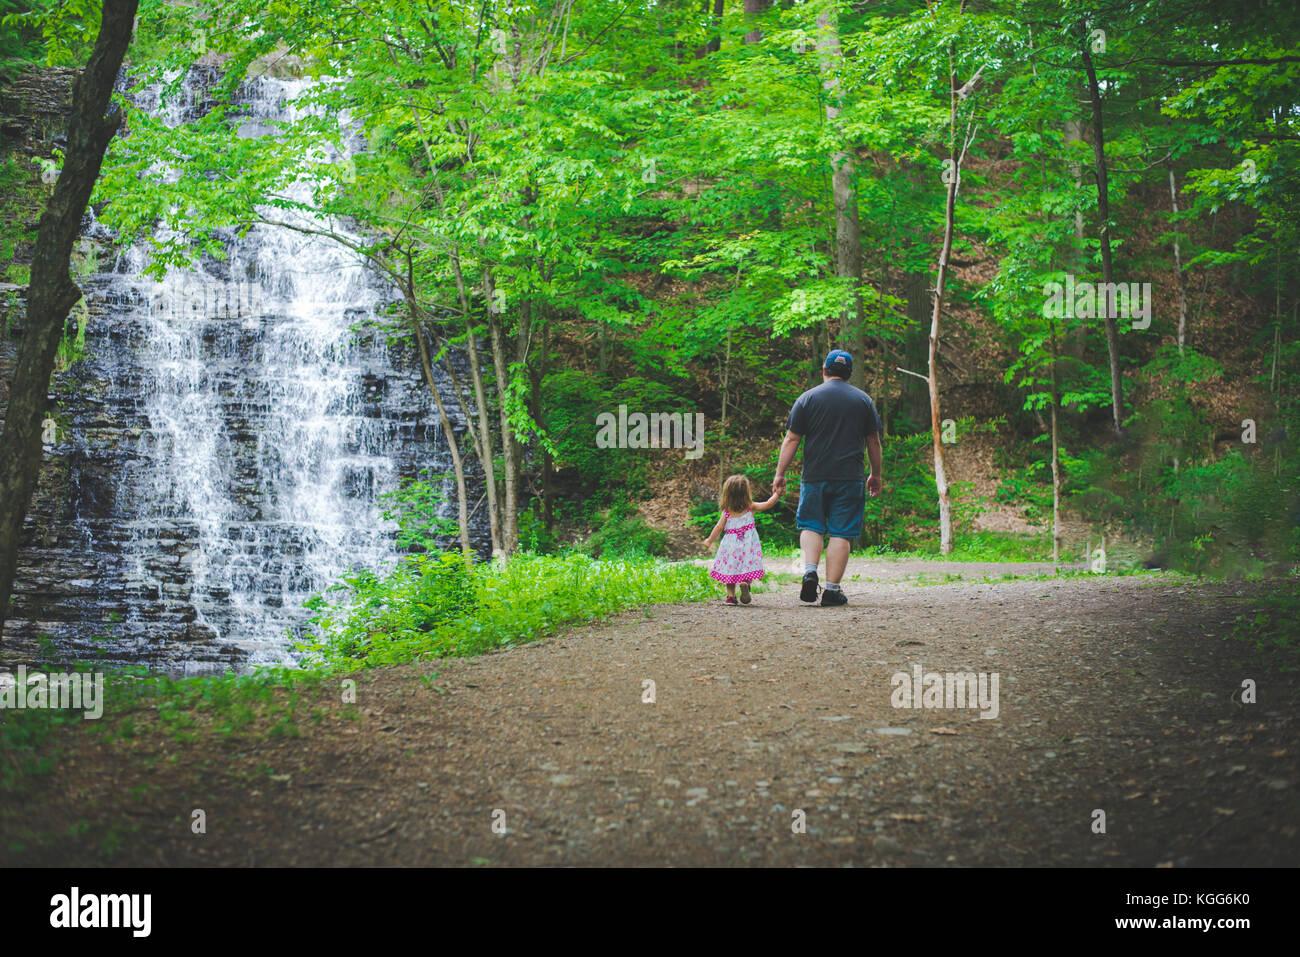 Un enfant marche main dans la main avec son père le long d'un chemin en bois Photo Stock